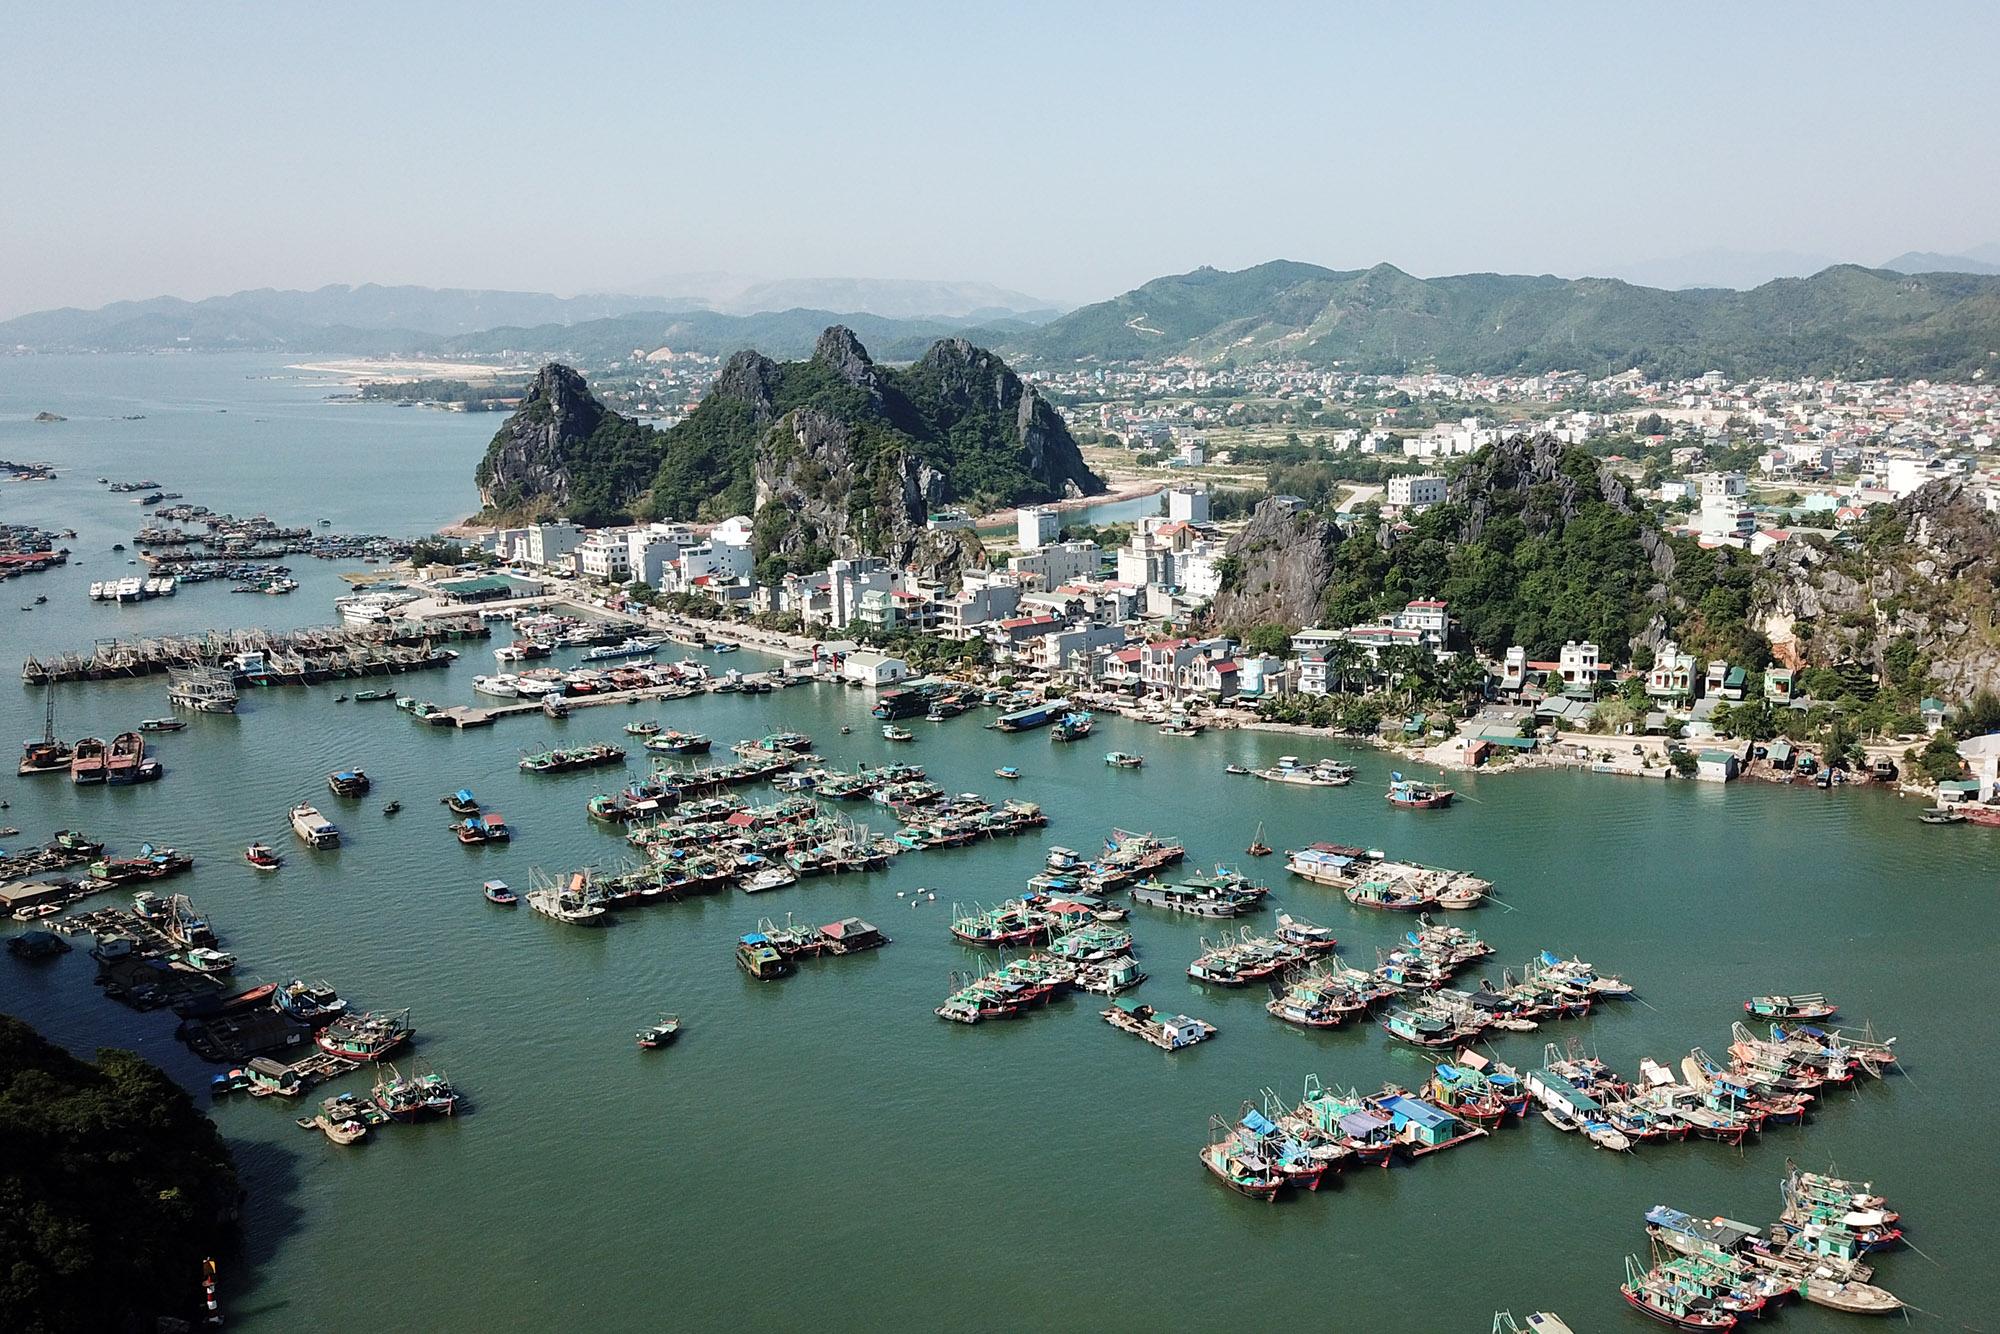 Quảng Ninh: Đầu tư 500 tỷ đồng bổ sung Cụm công nghiệp Vân Đồn vào quy hoạch  - Ảnh 1.